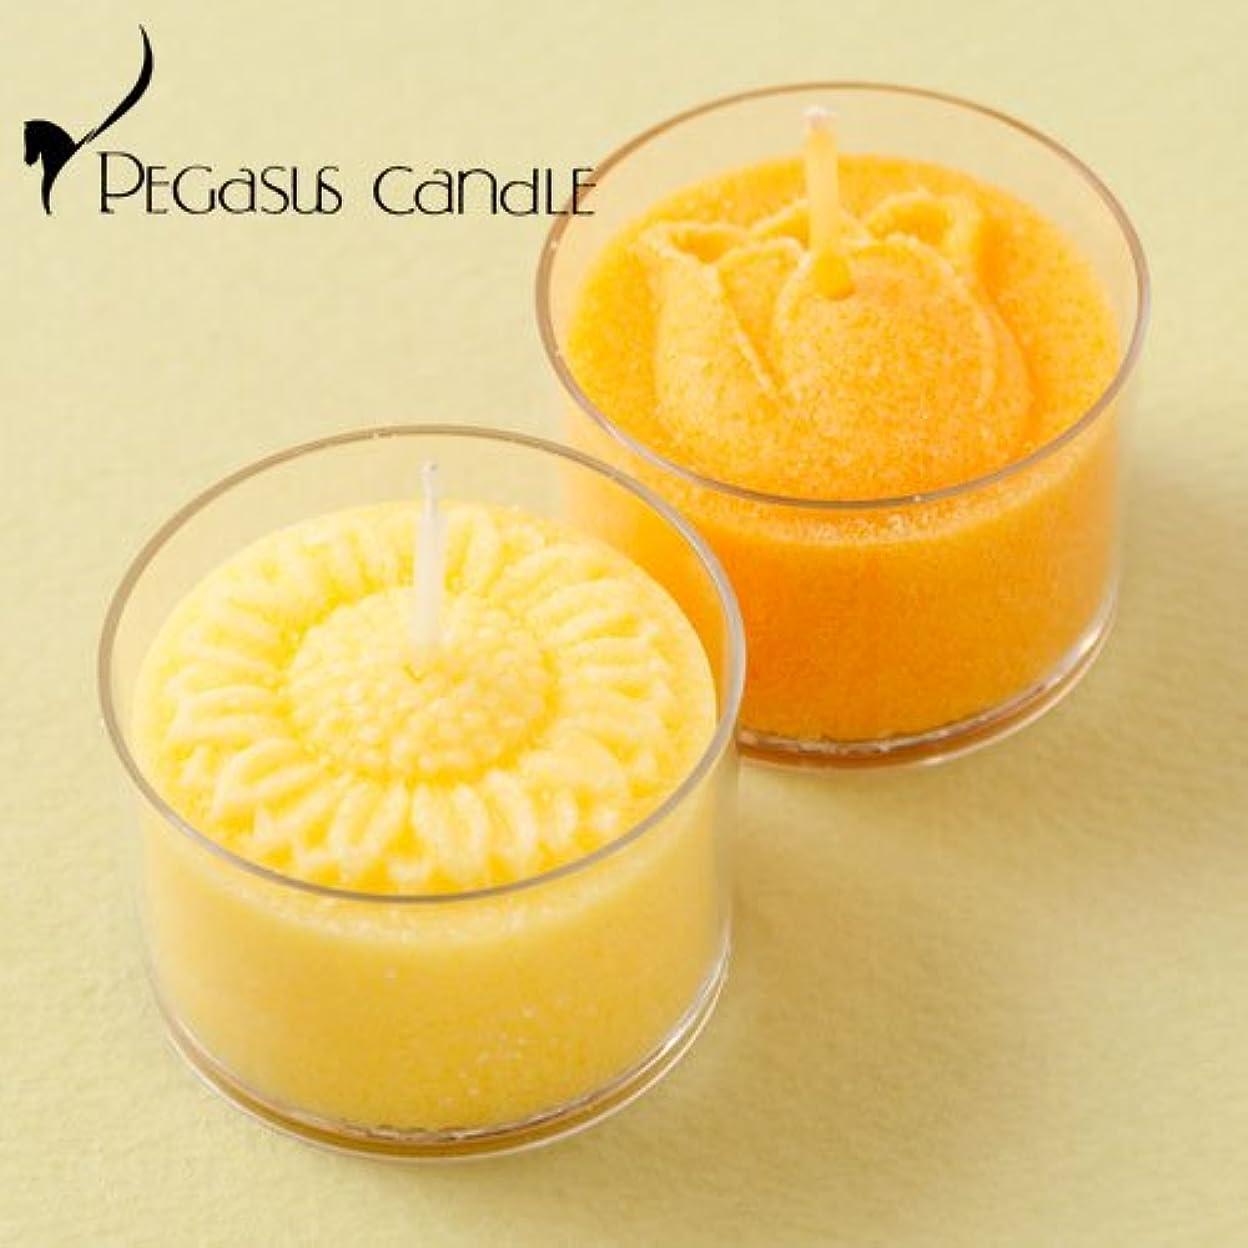 定義する葉巻減らす花暦ヒマワリ?チューリップ花の形のキャンドル2個セット(無香タイプ)ペガサスキャンドルFlower shaped candle